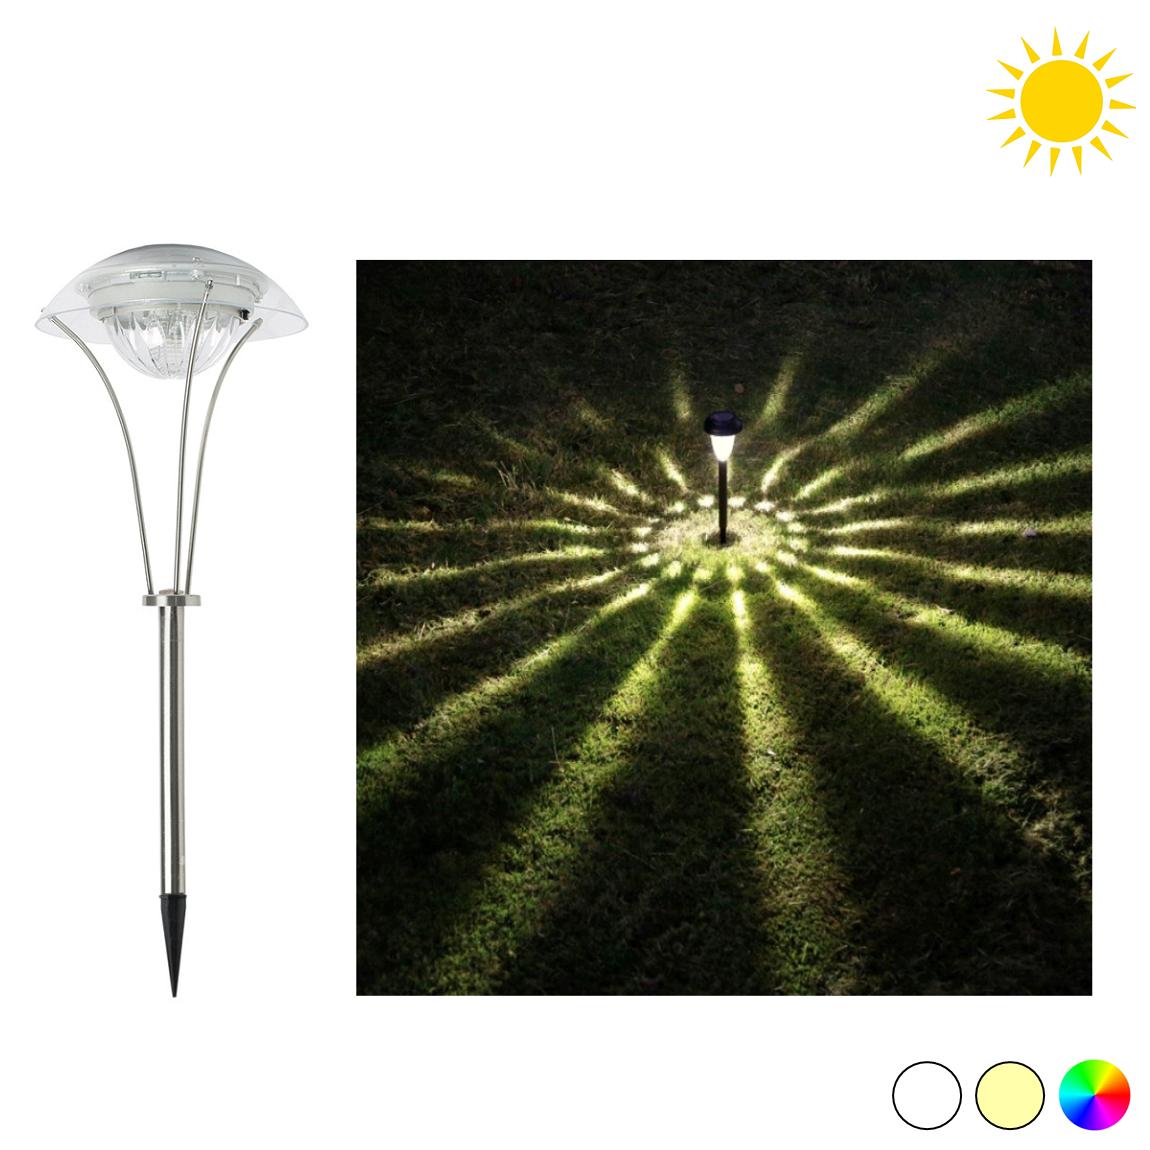 FORLIFE FL-3121 - 5 Watt Fotoselli LED Kazıklı Bahçe Armatürü